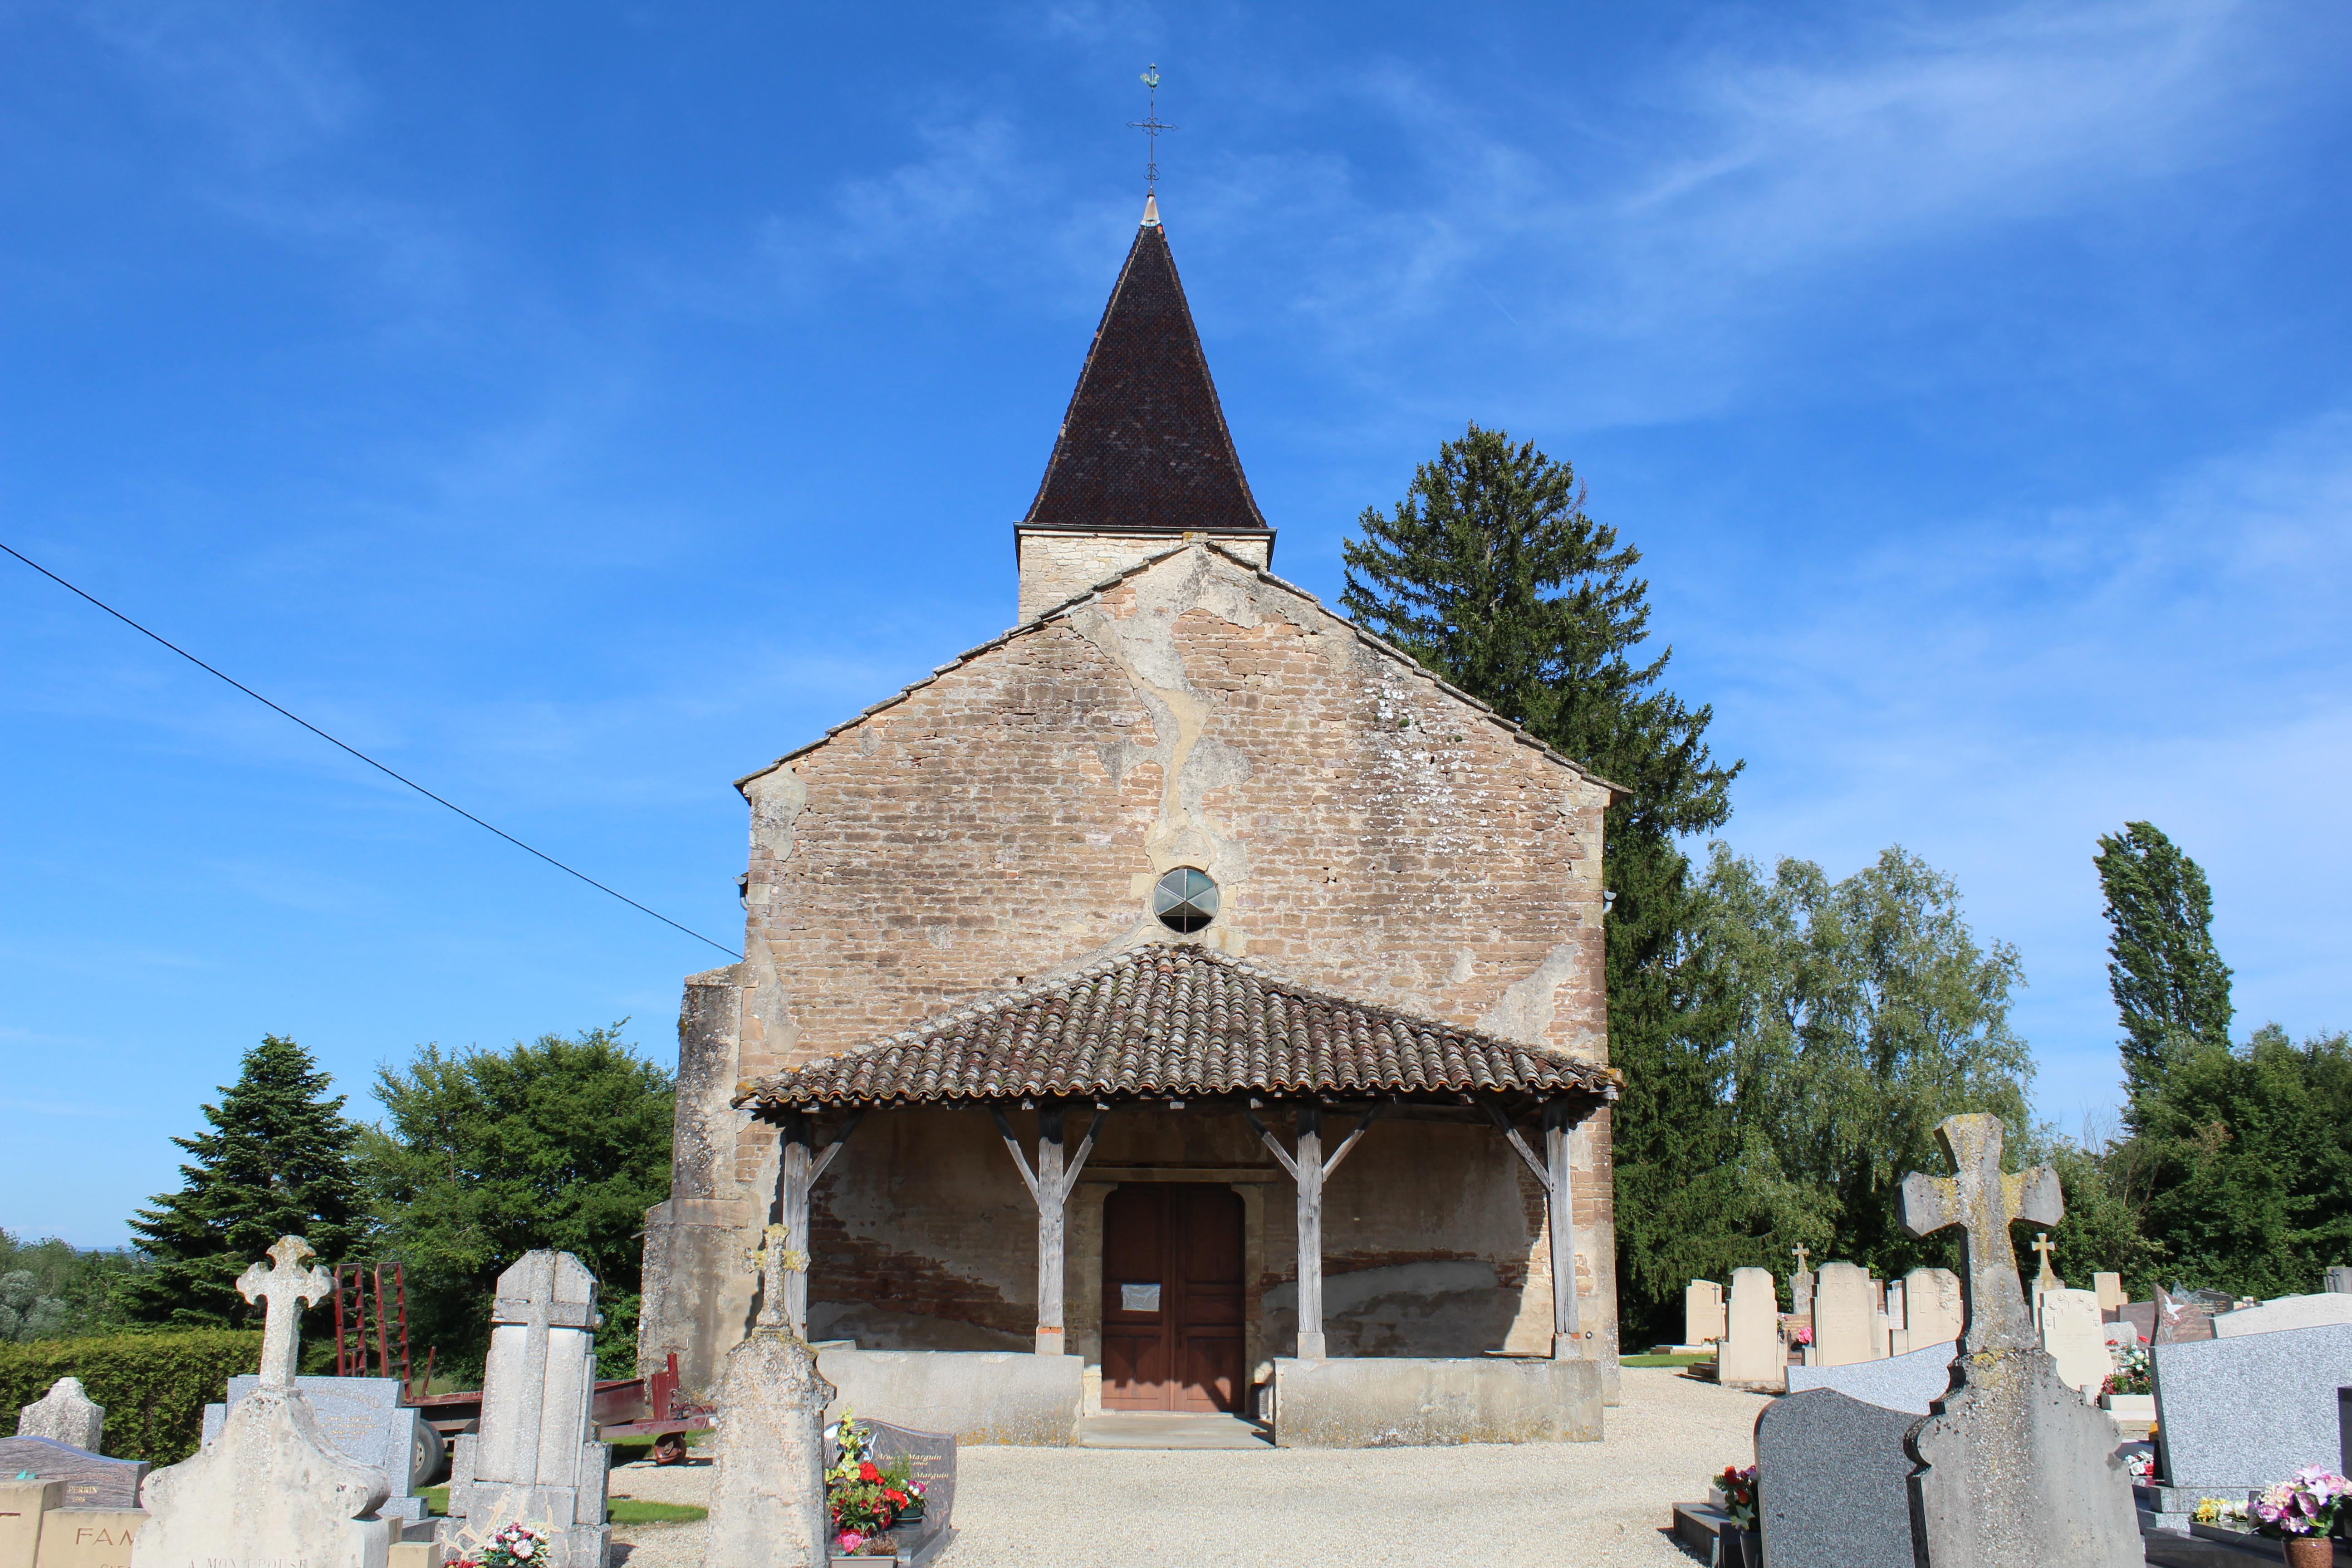 Saint-Étienne-sur-Reyssouze